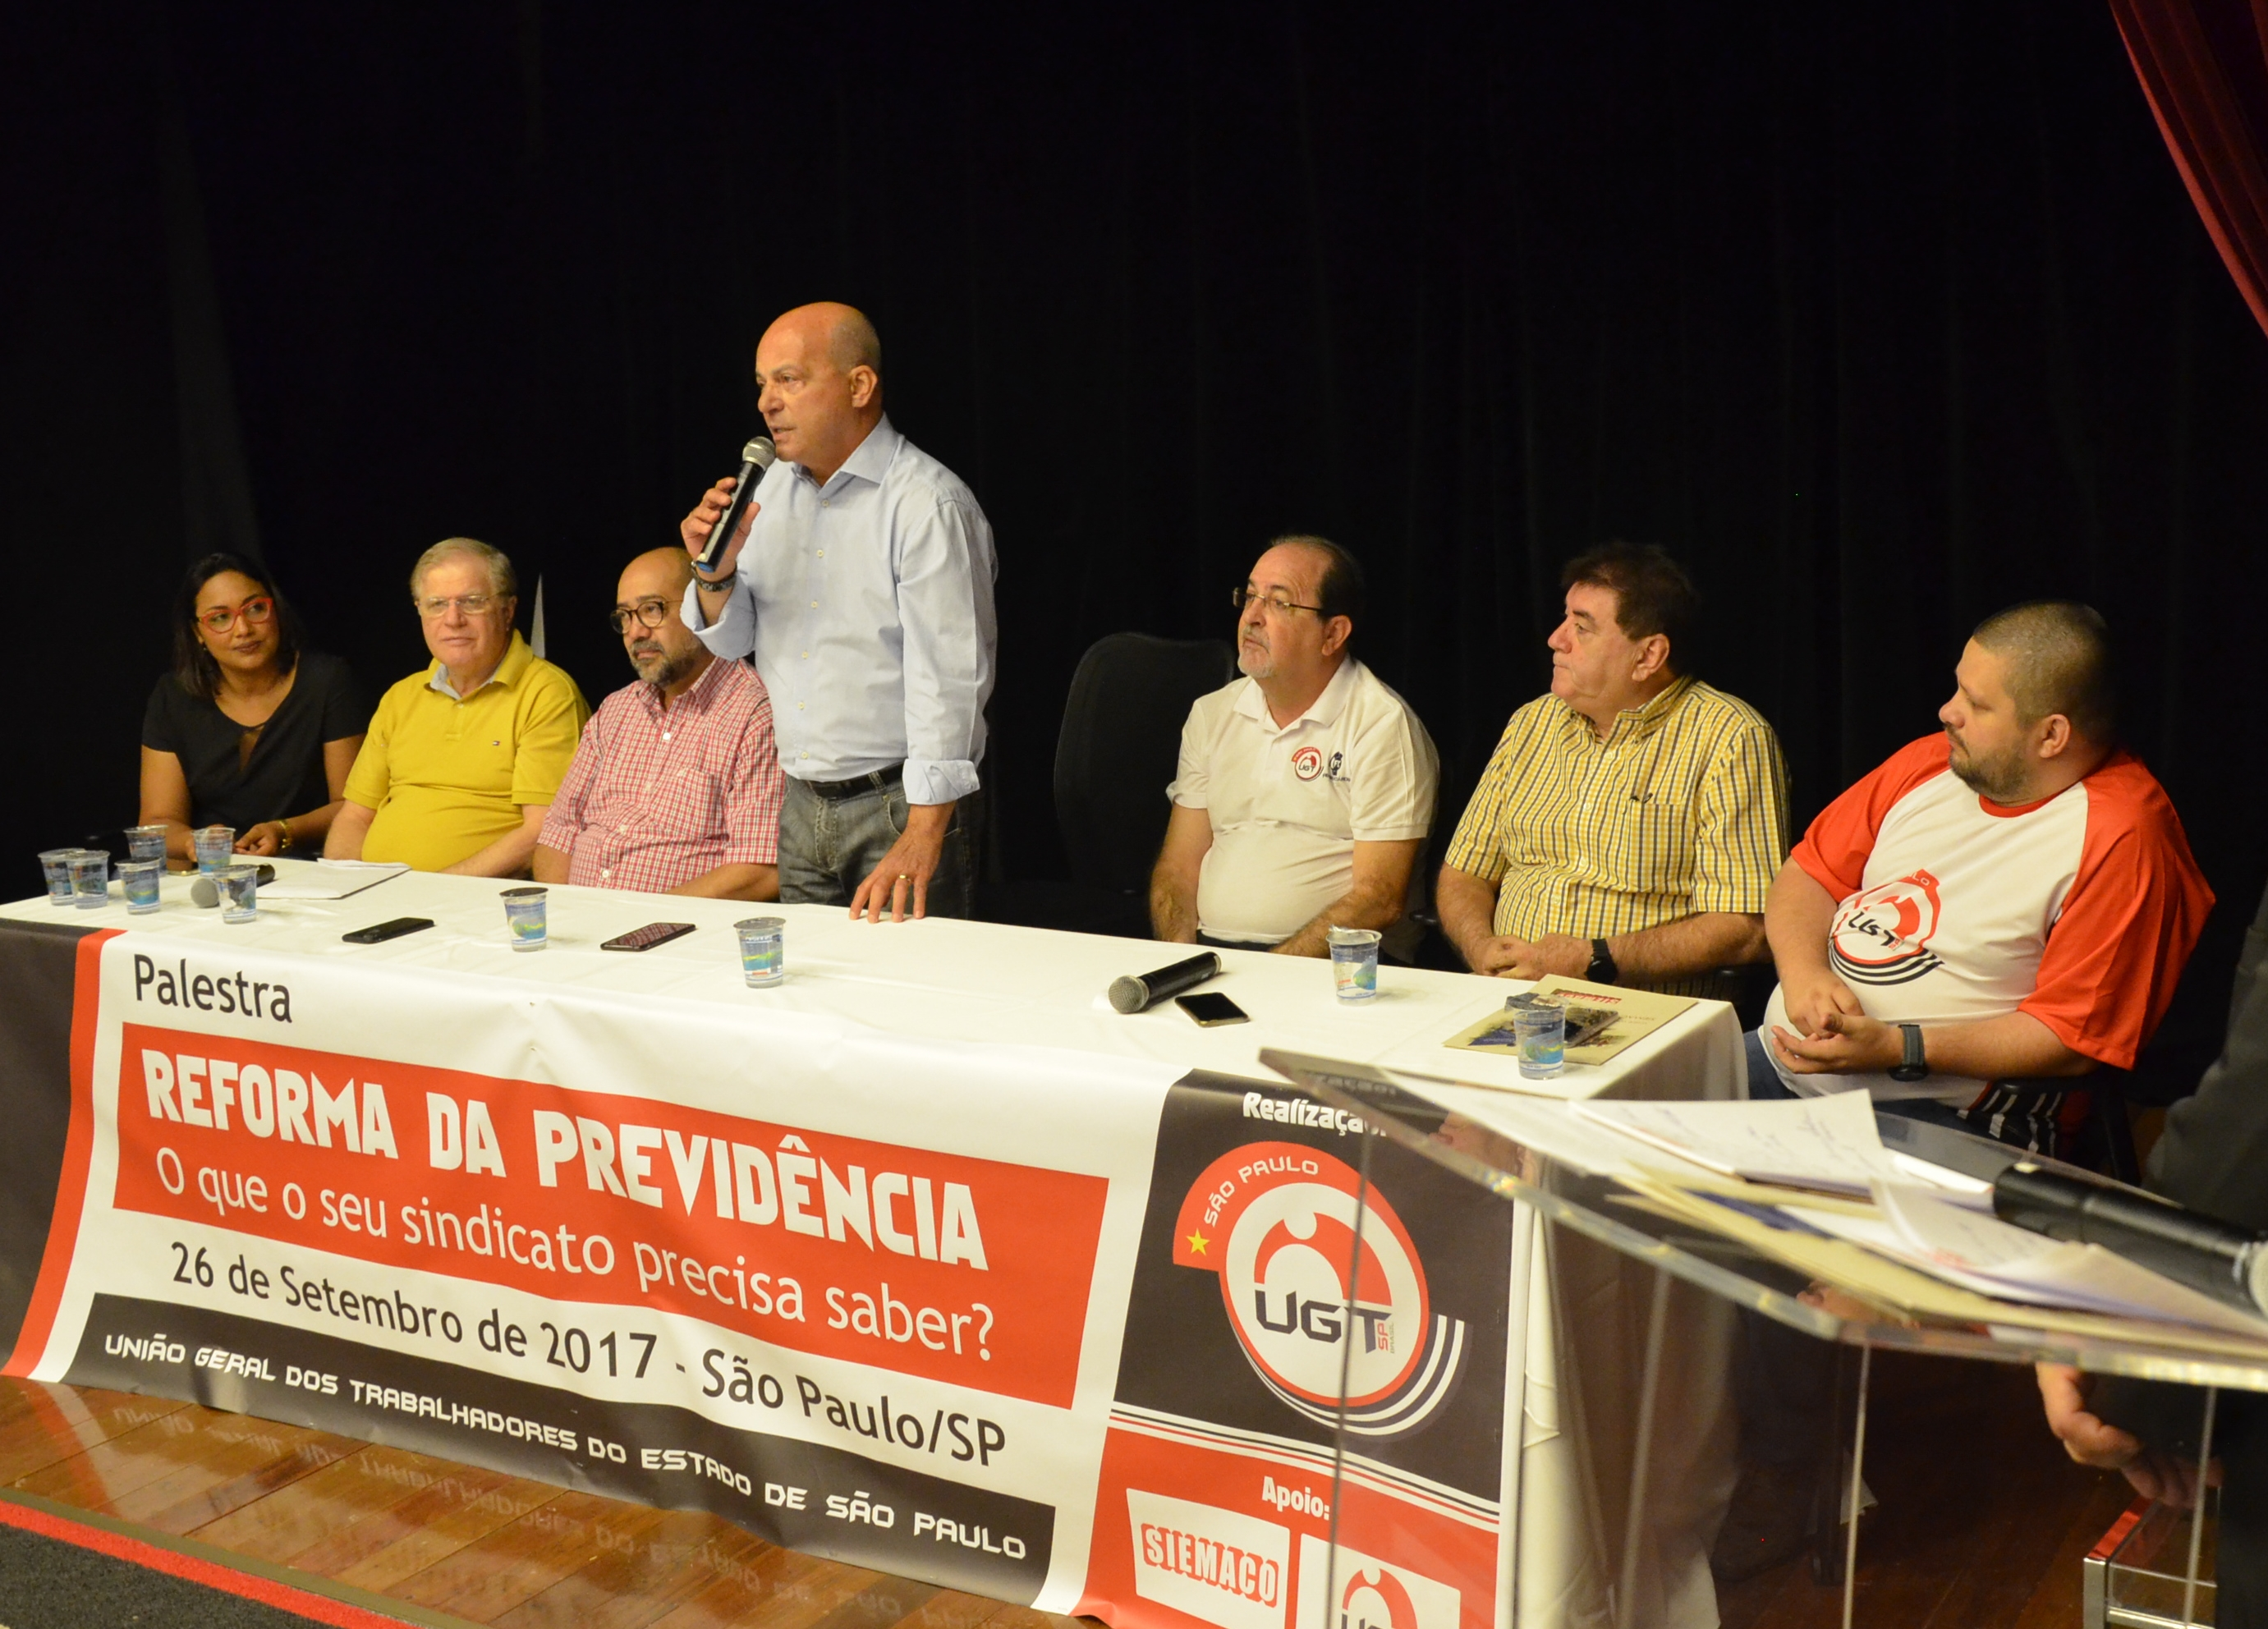 Santiago debate Reforma Previdenciária e fala sobre representatividade no Congresso Nacional